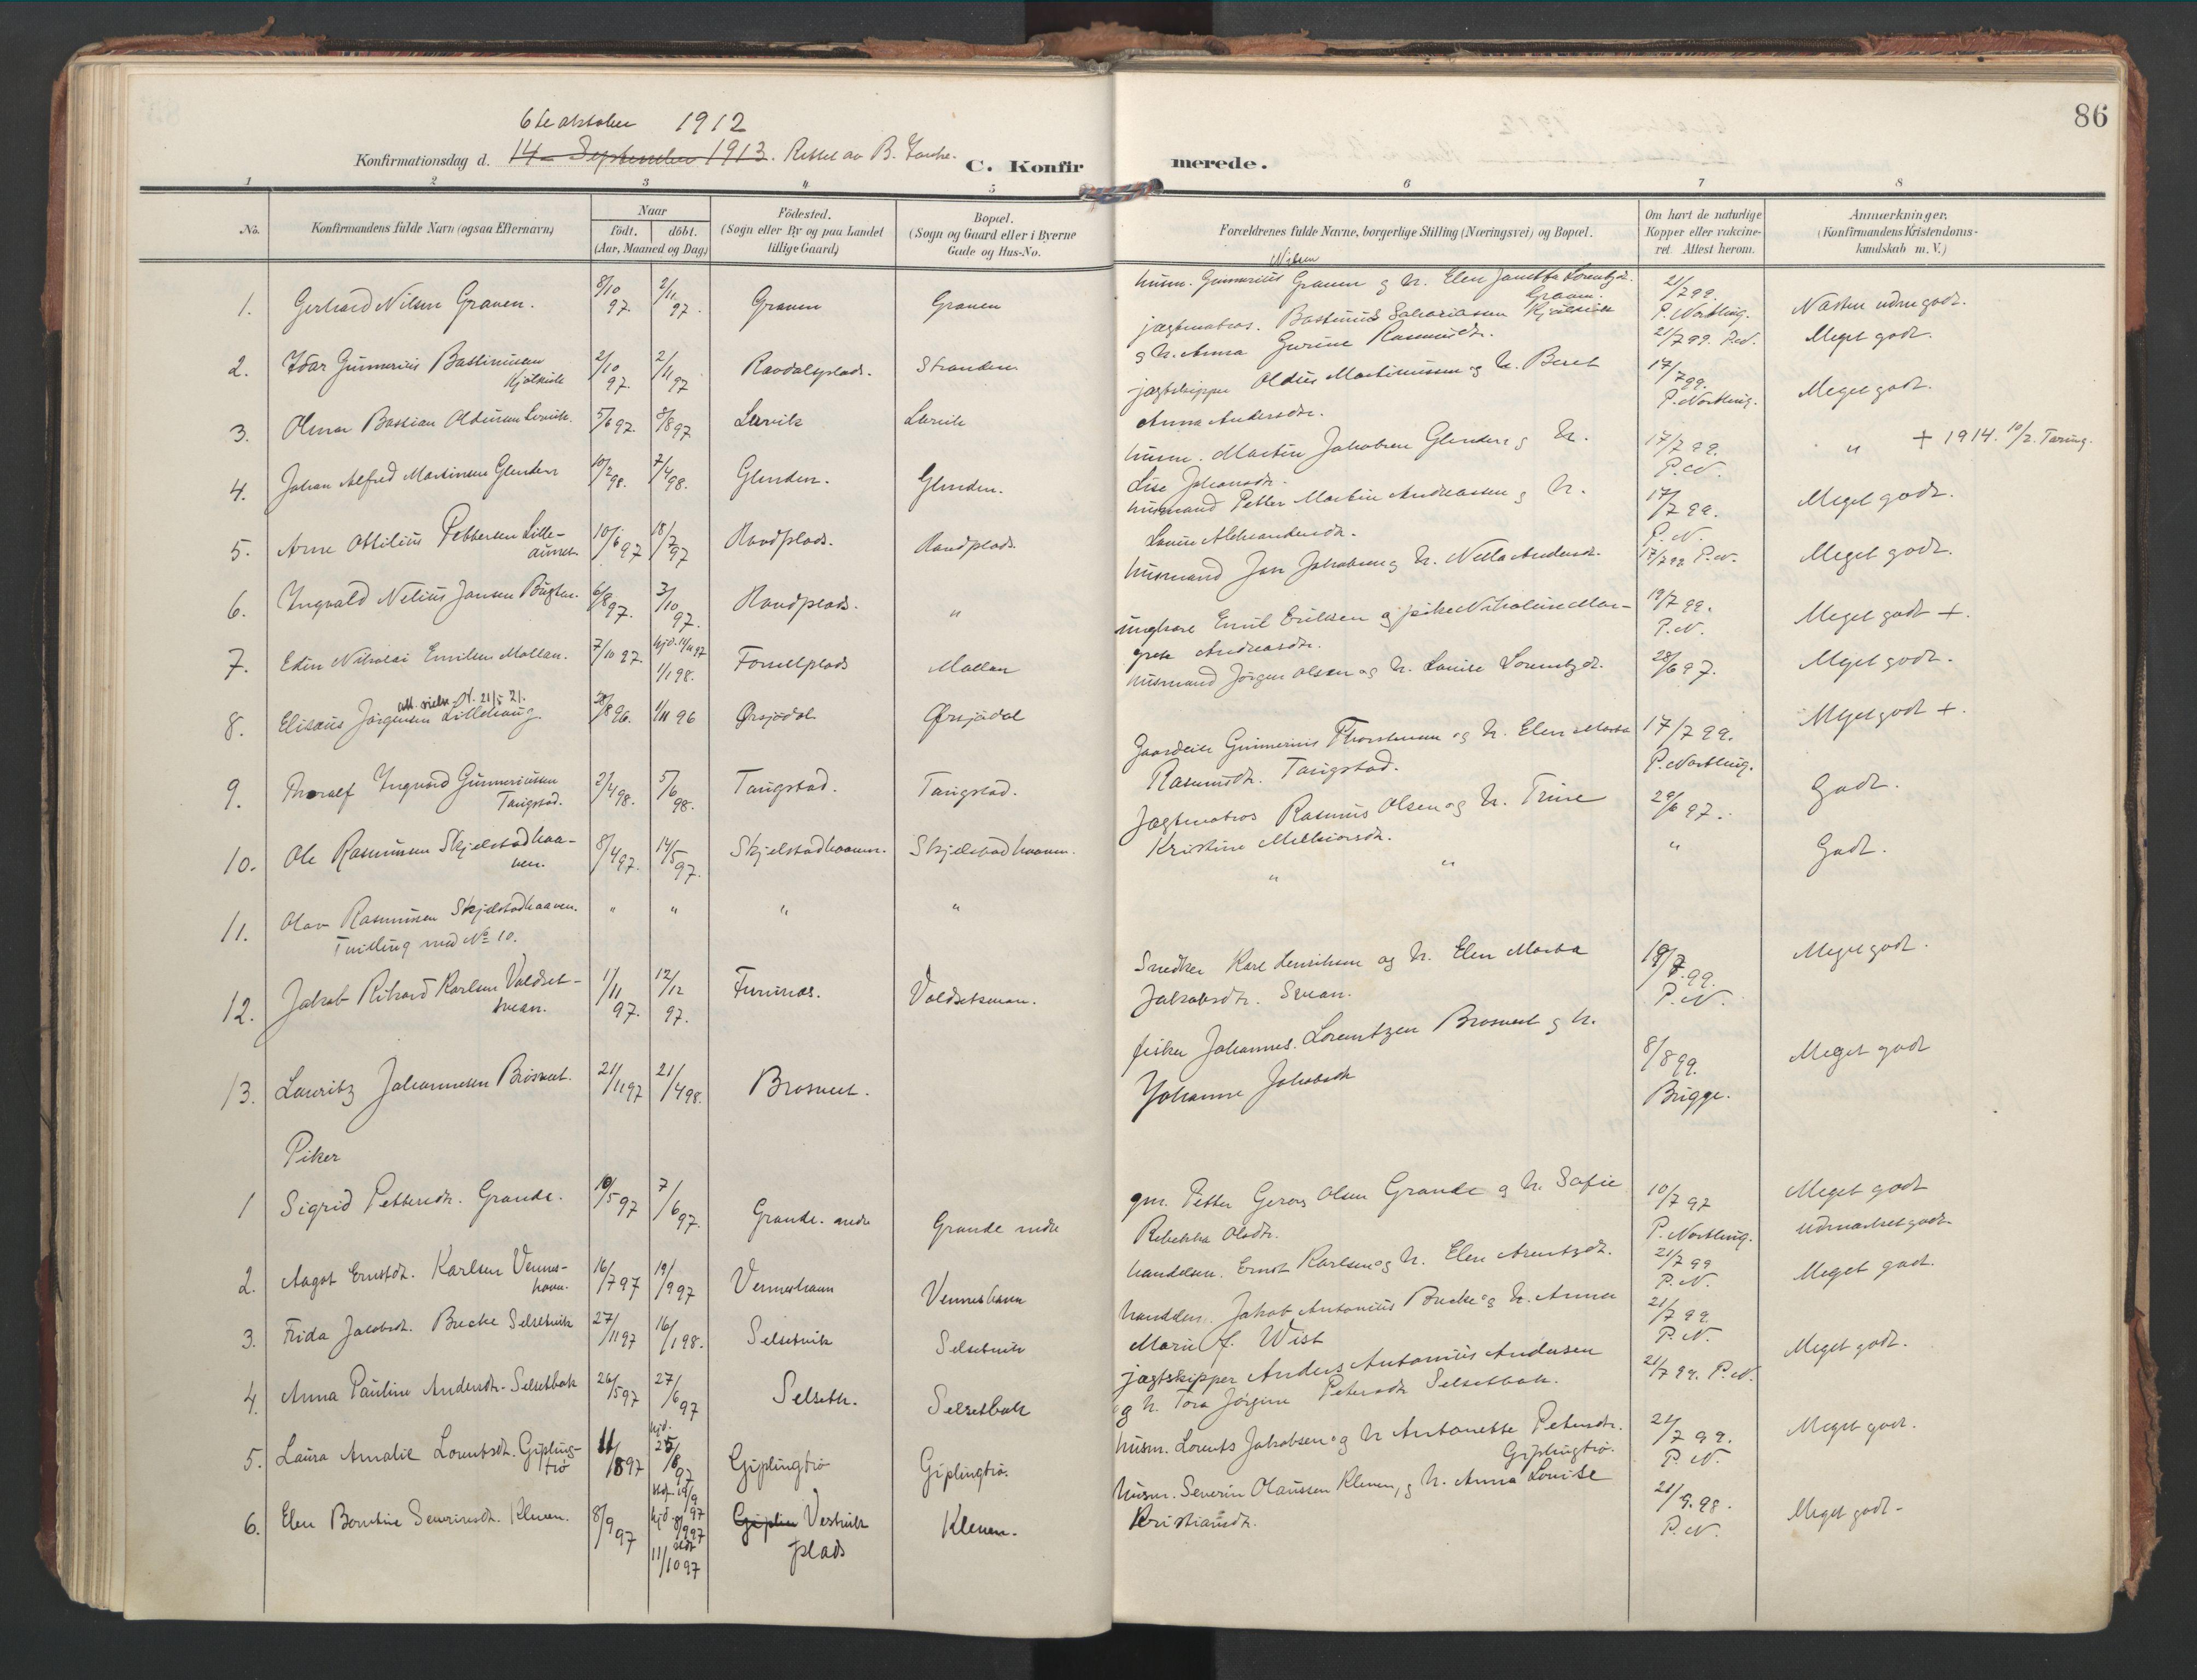 SAT, Ministerialprotokoller, klokkerbøker og fødselsregistre - Nord-Trøndelag, 744/L0421: Ministerialbok nr. 744A05, 1905-1930, s. 86